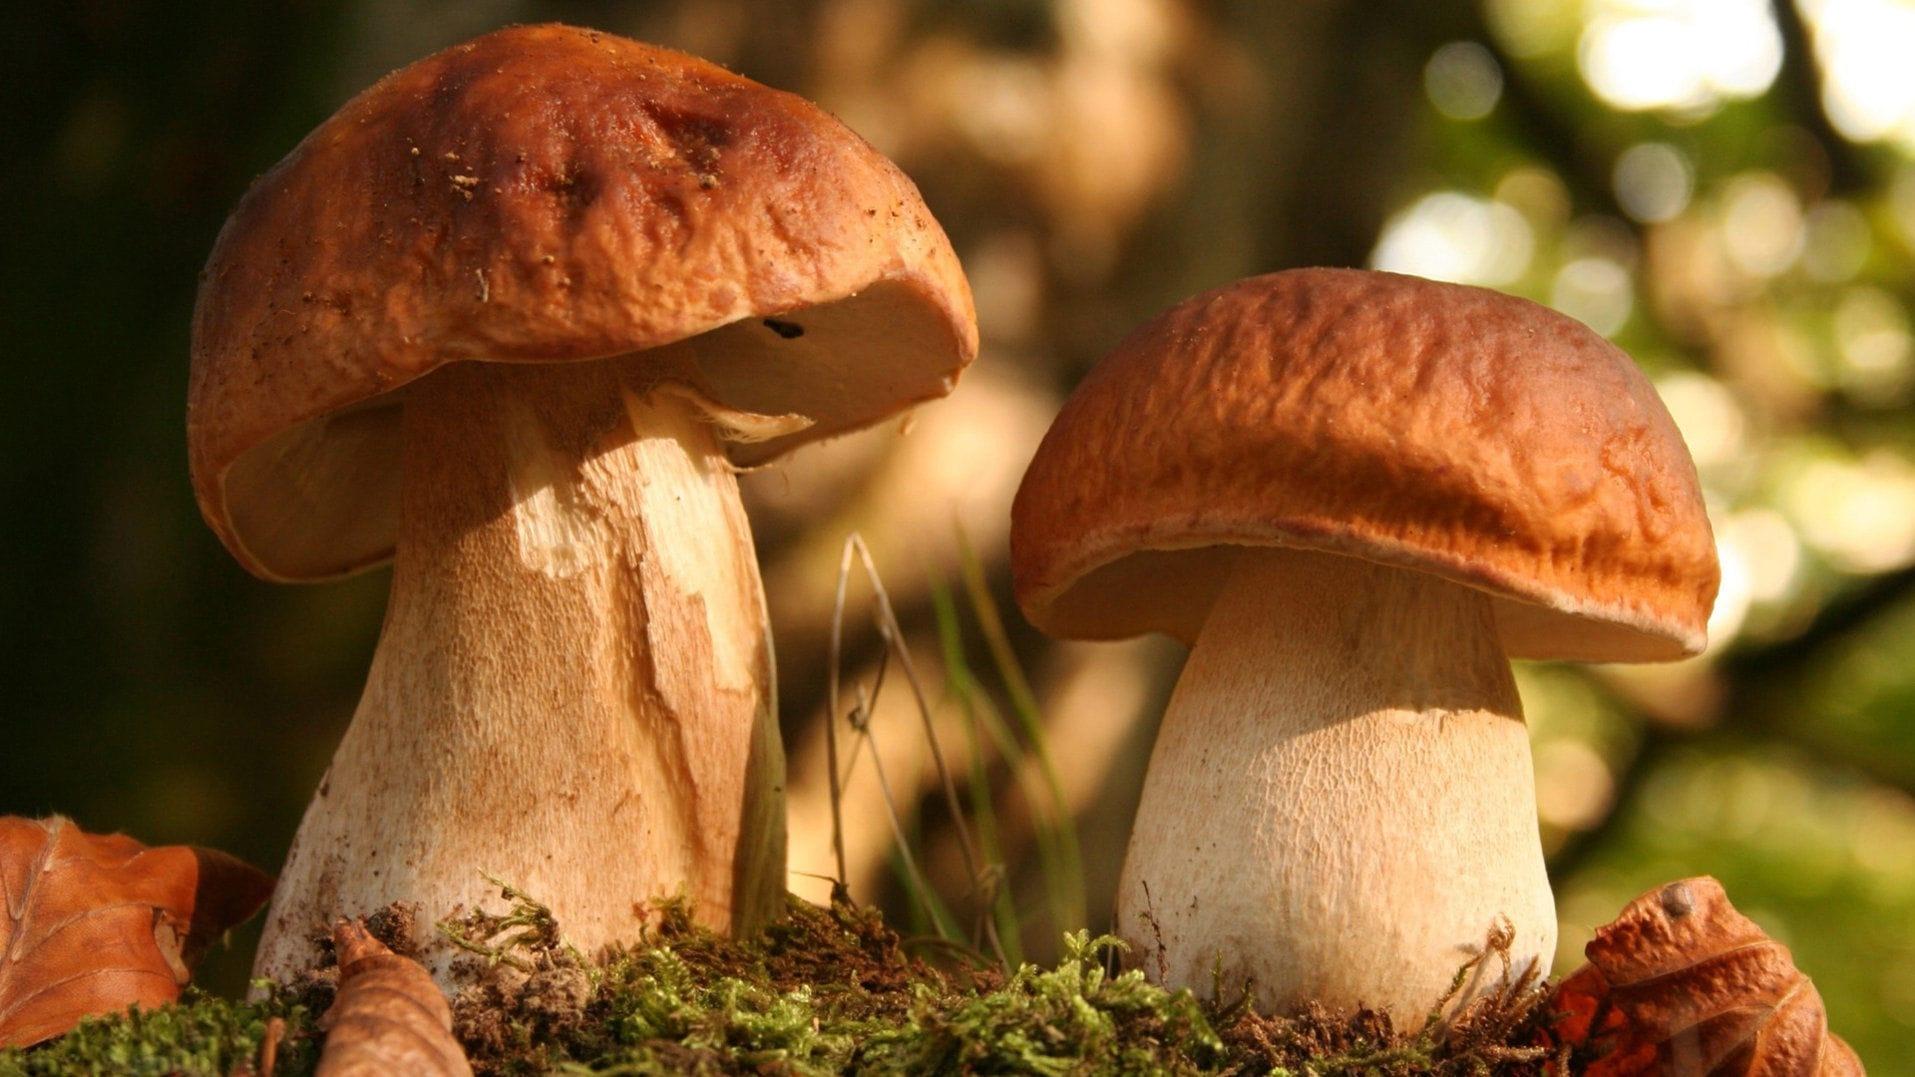 ядовитые грибы в подмосковье фото